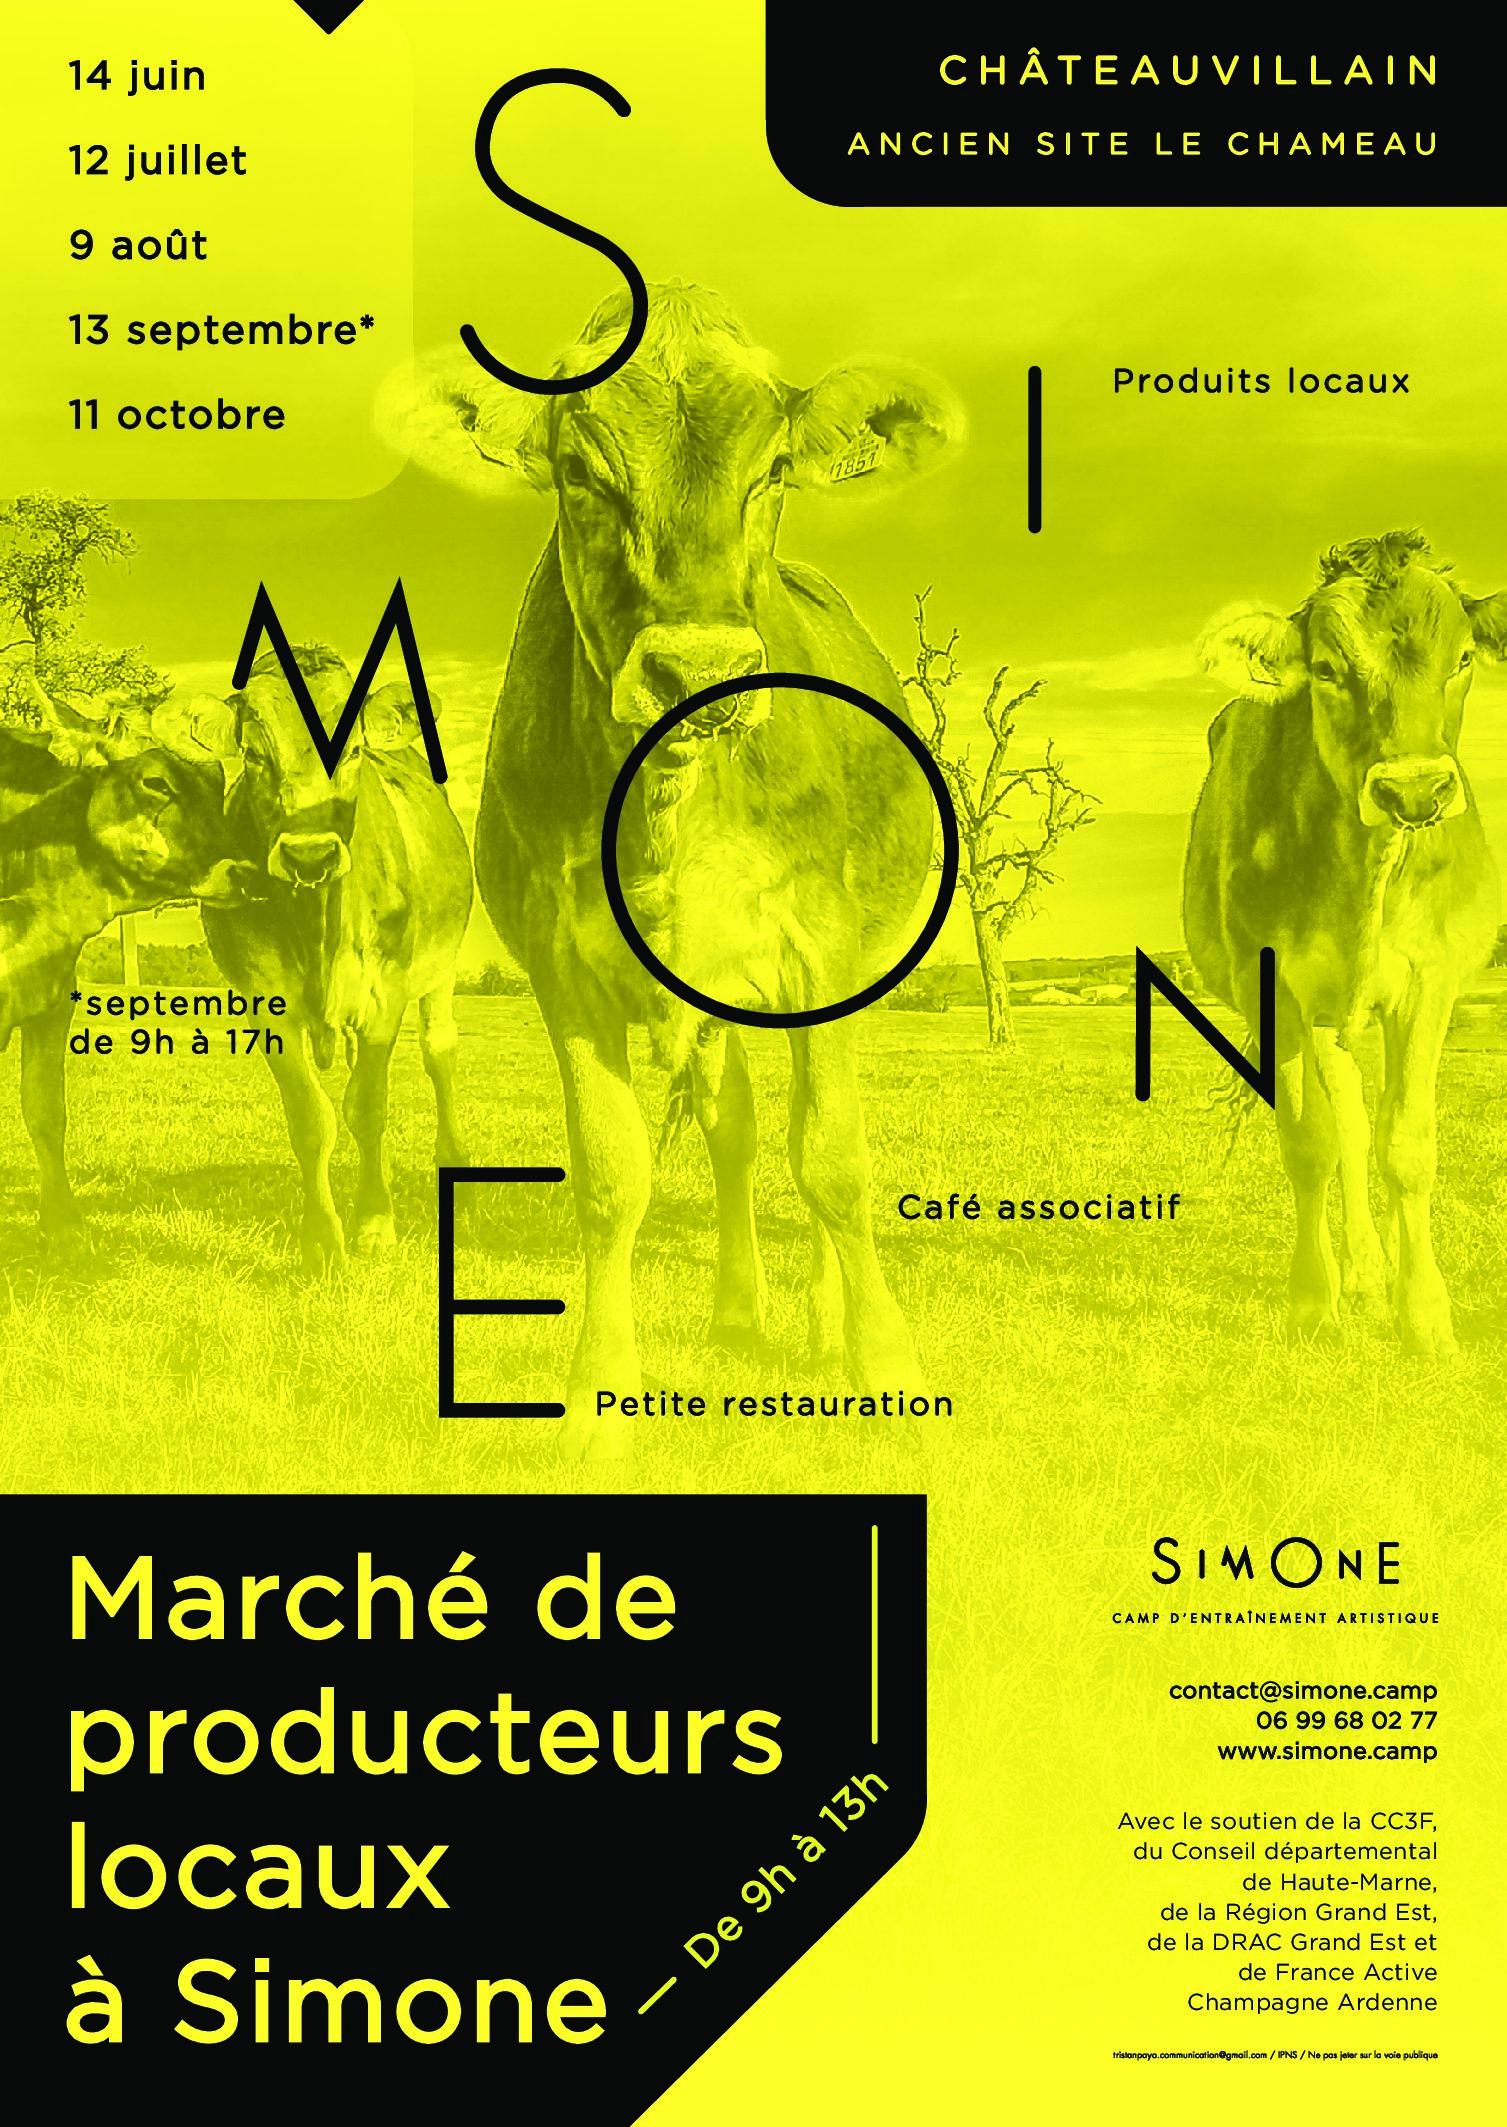 Marché de producteurs locaux à Simone